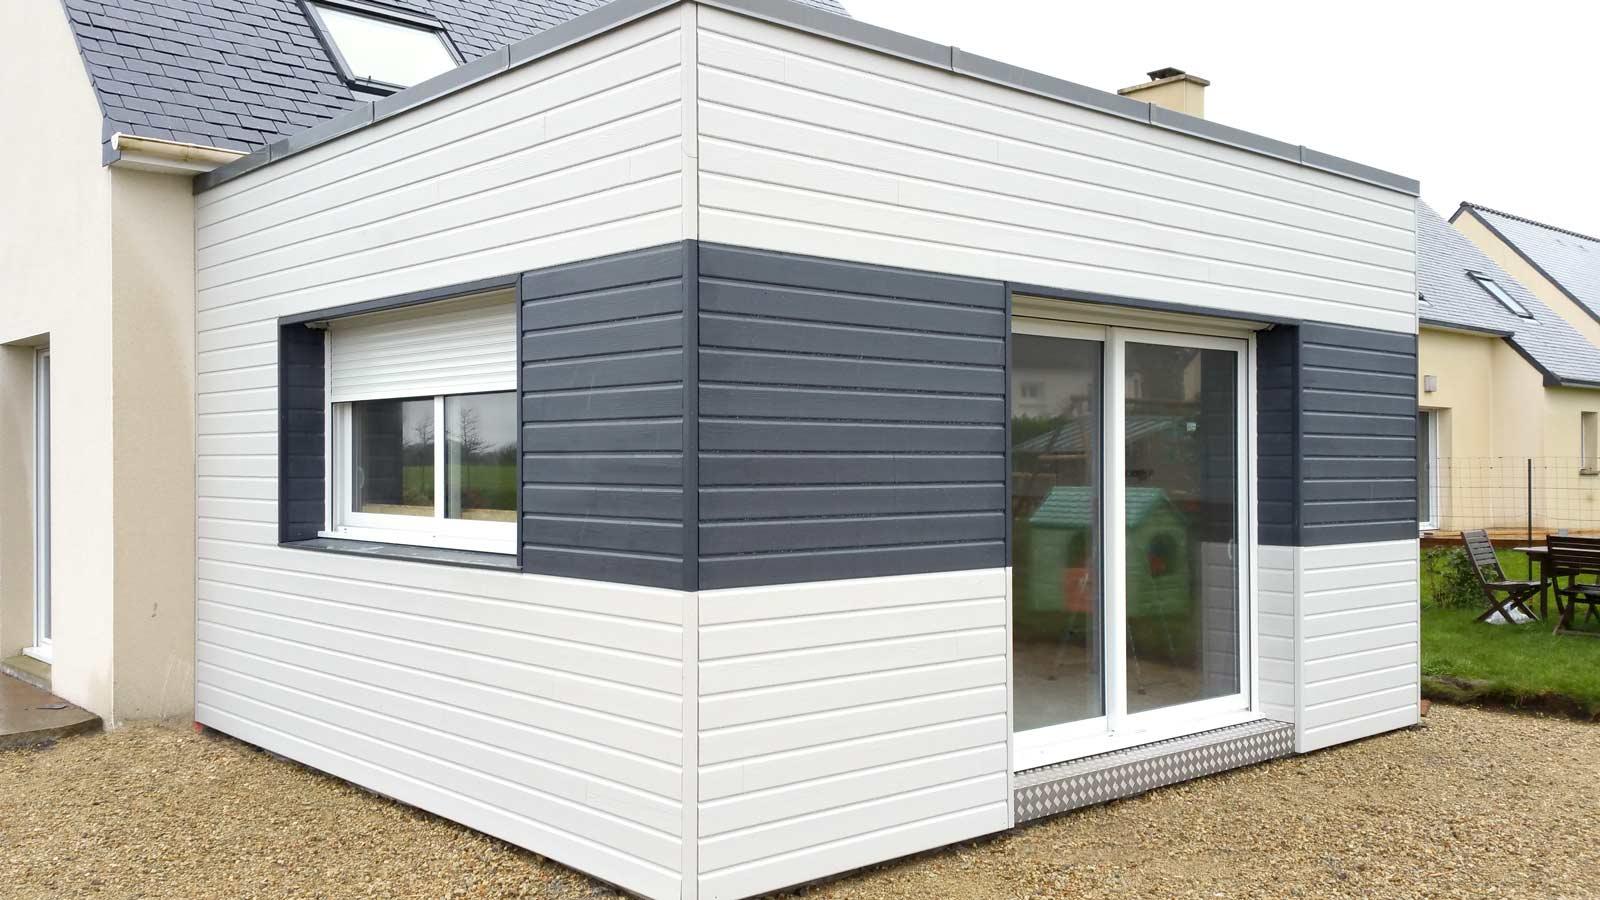 Extension maison bois prix m2 exemple de réalisations ABBC